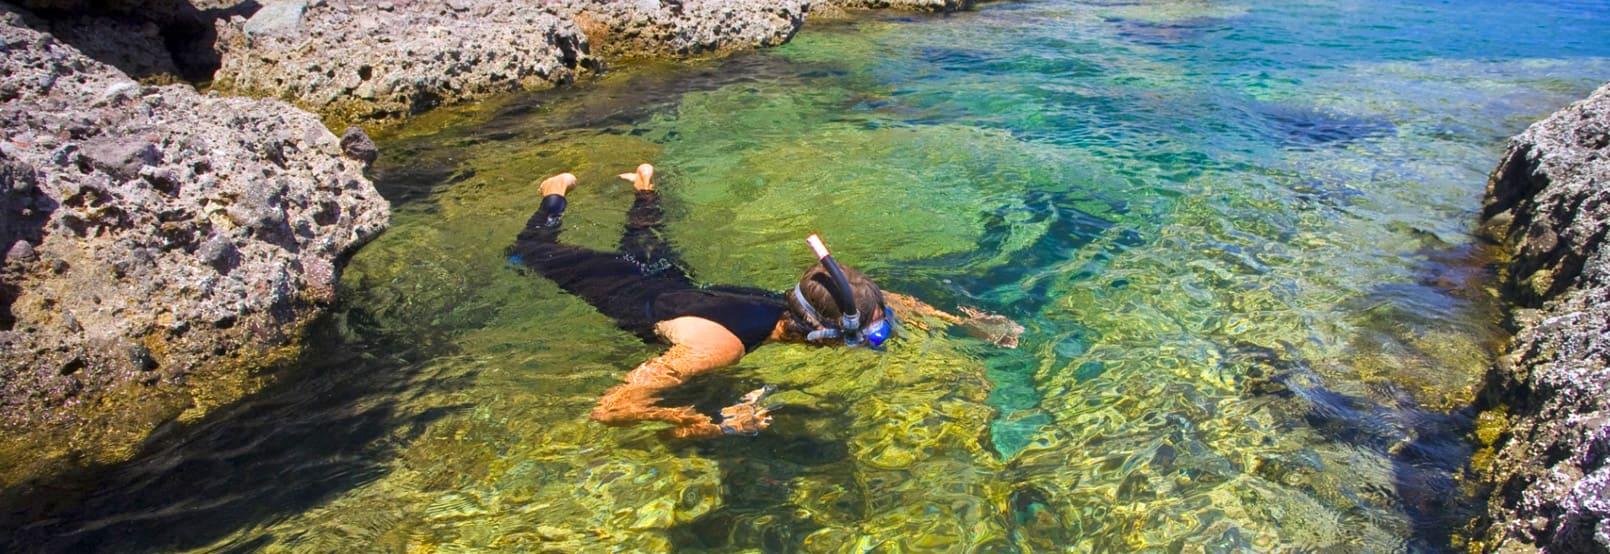 Snorkel en Loreto